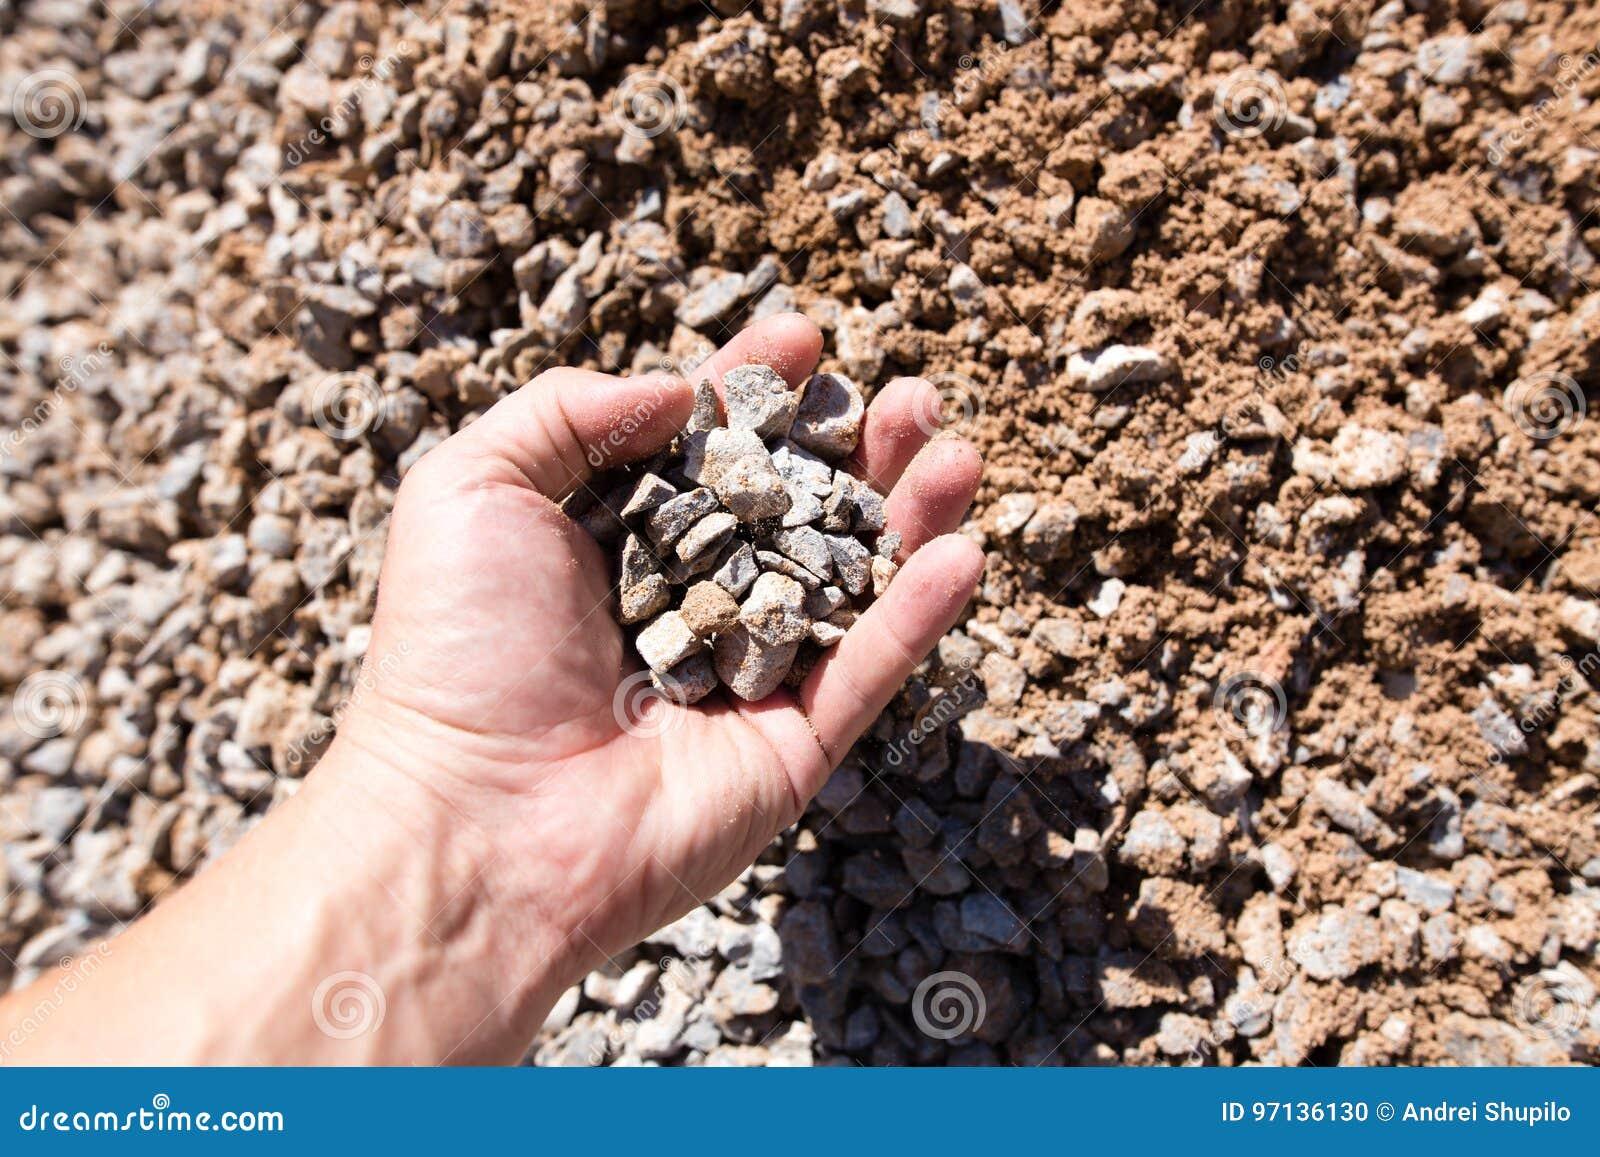 Byggande Krossad Sten Med Sand I Hand Arkivfoto - Bild: 97136130